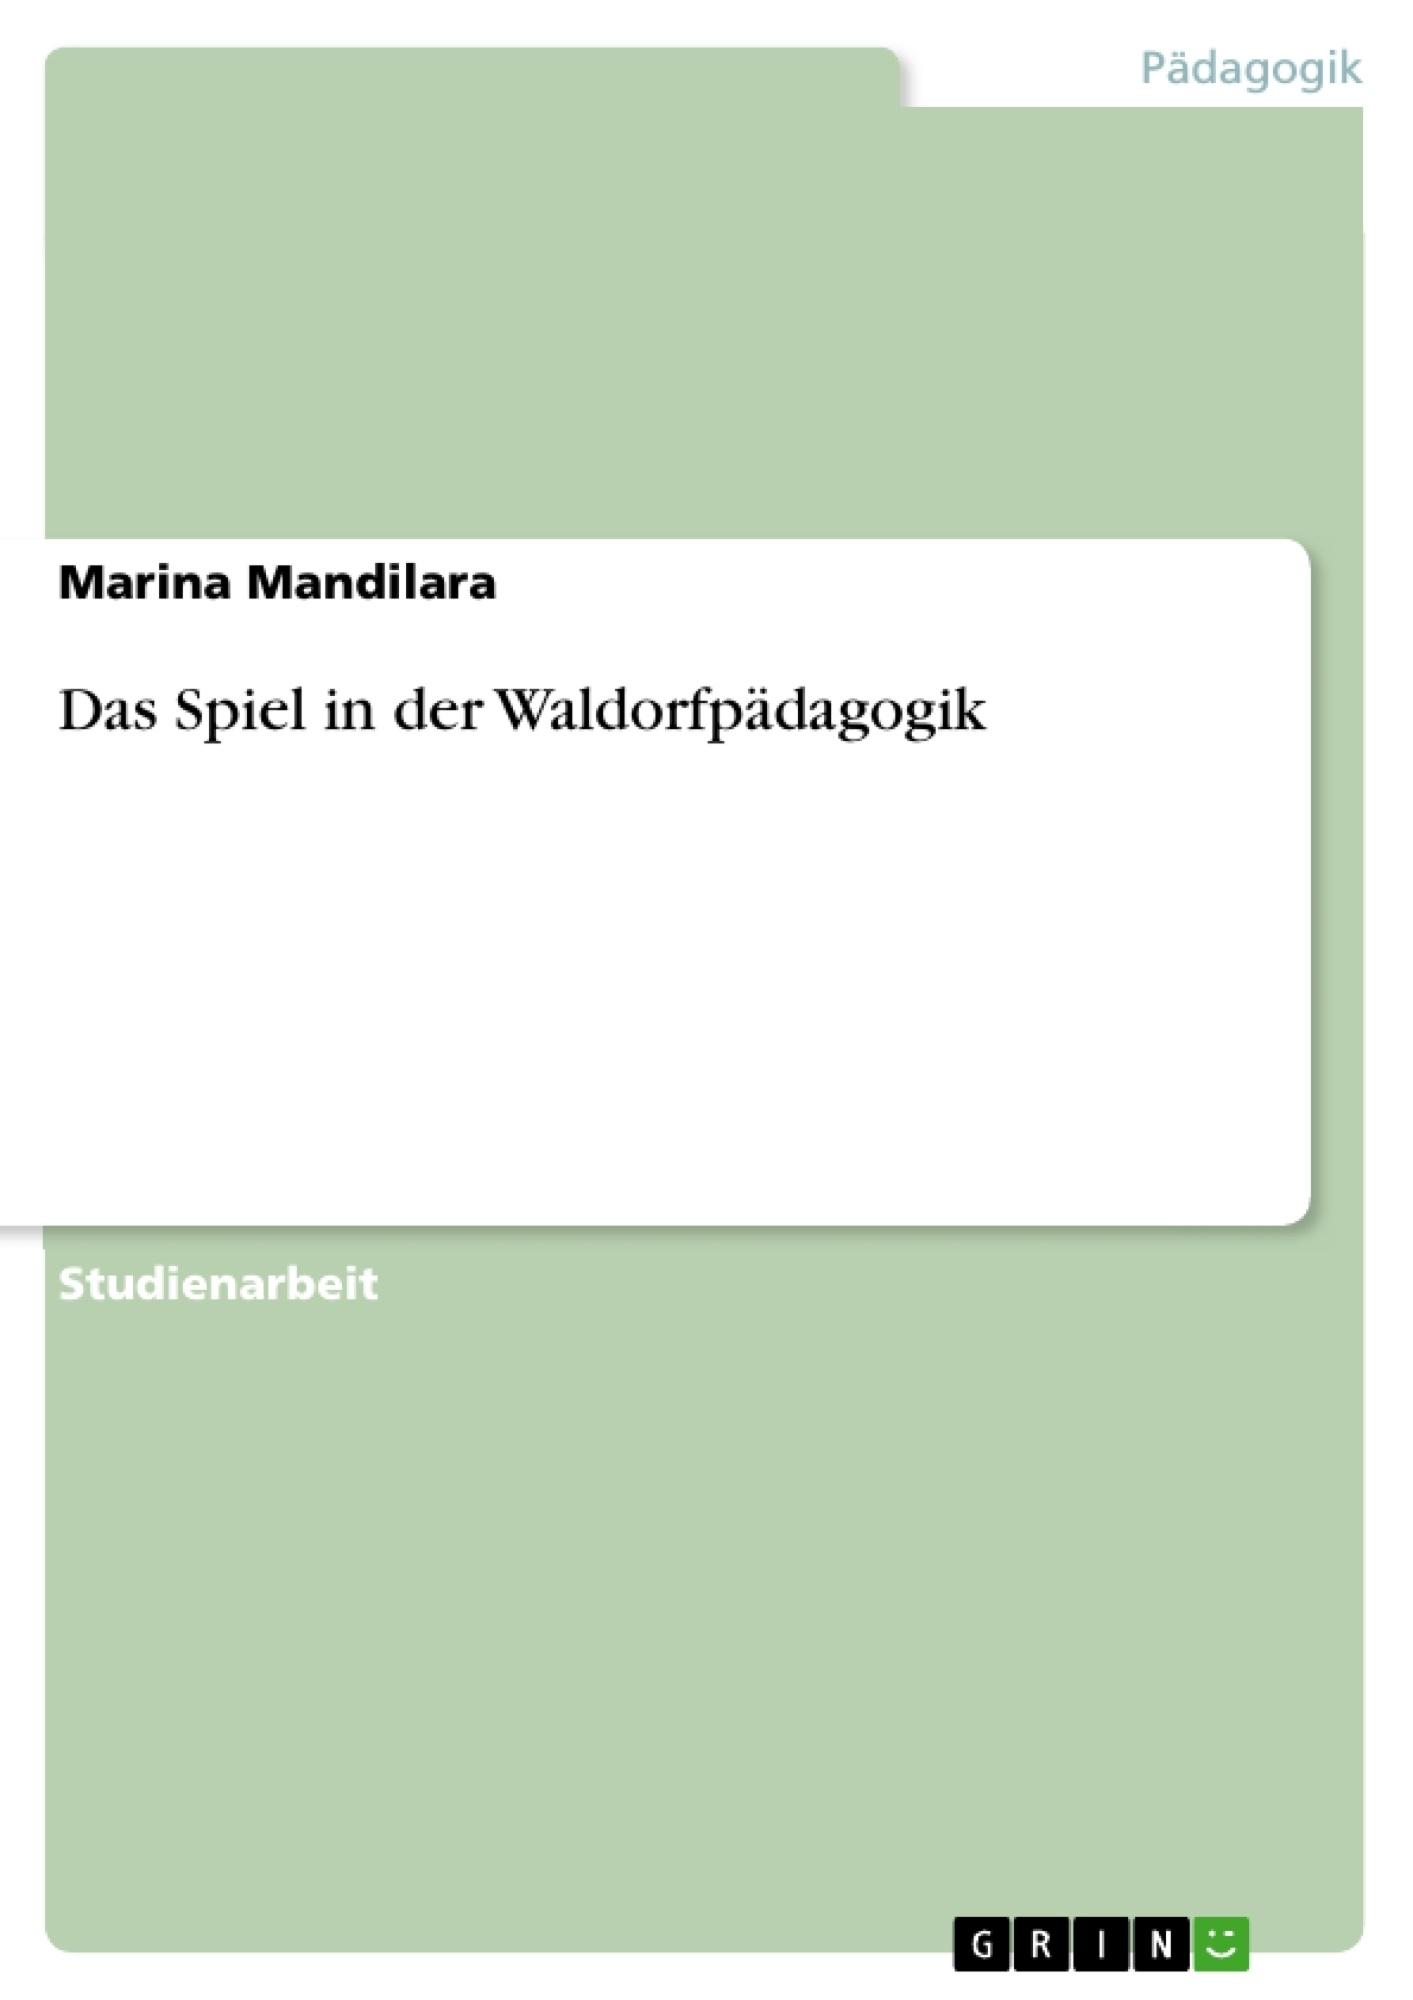 Titel: Das Spiel in der Waldorfpädagogik